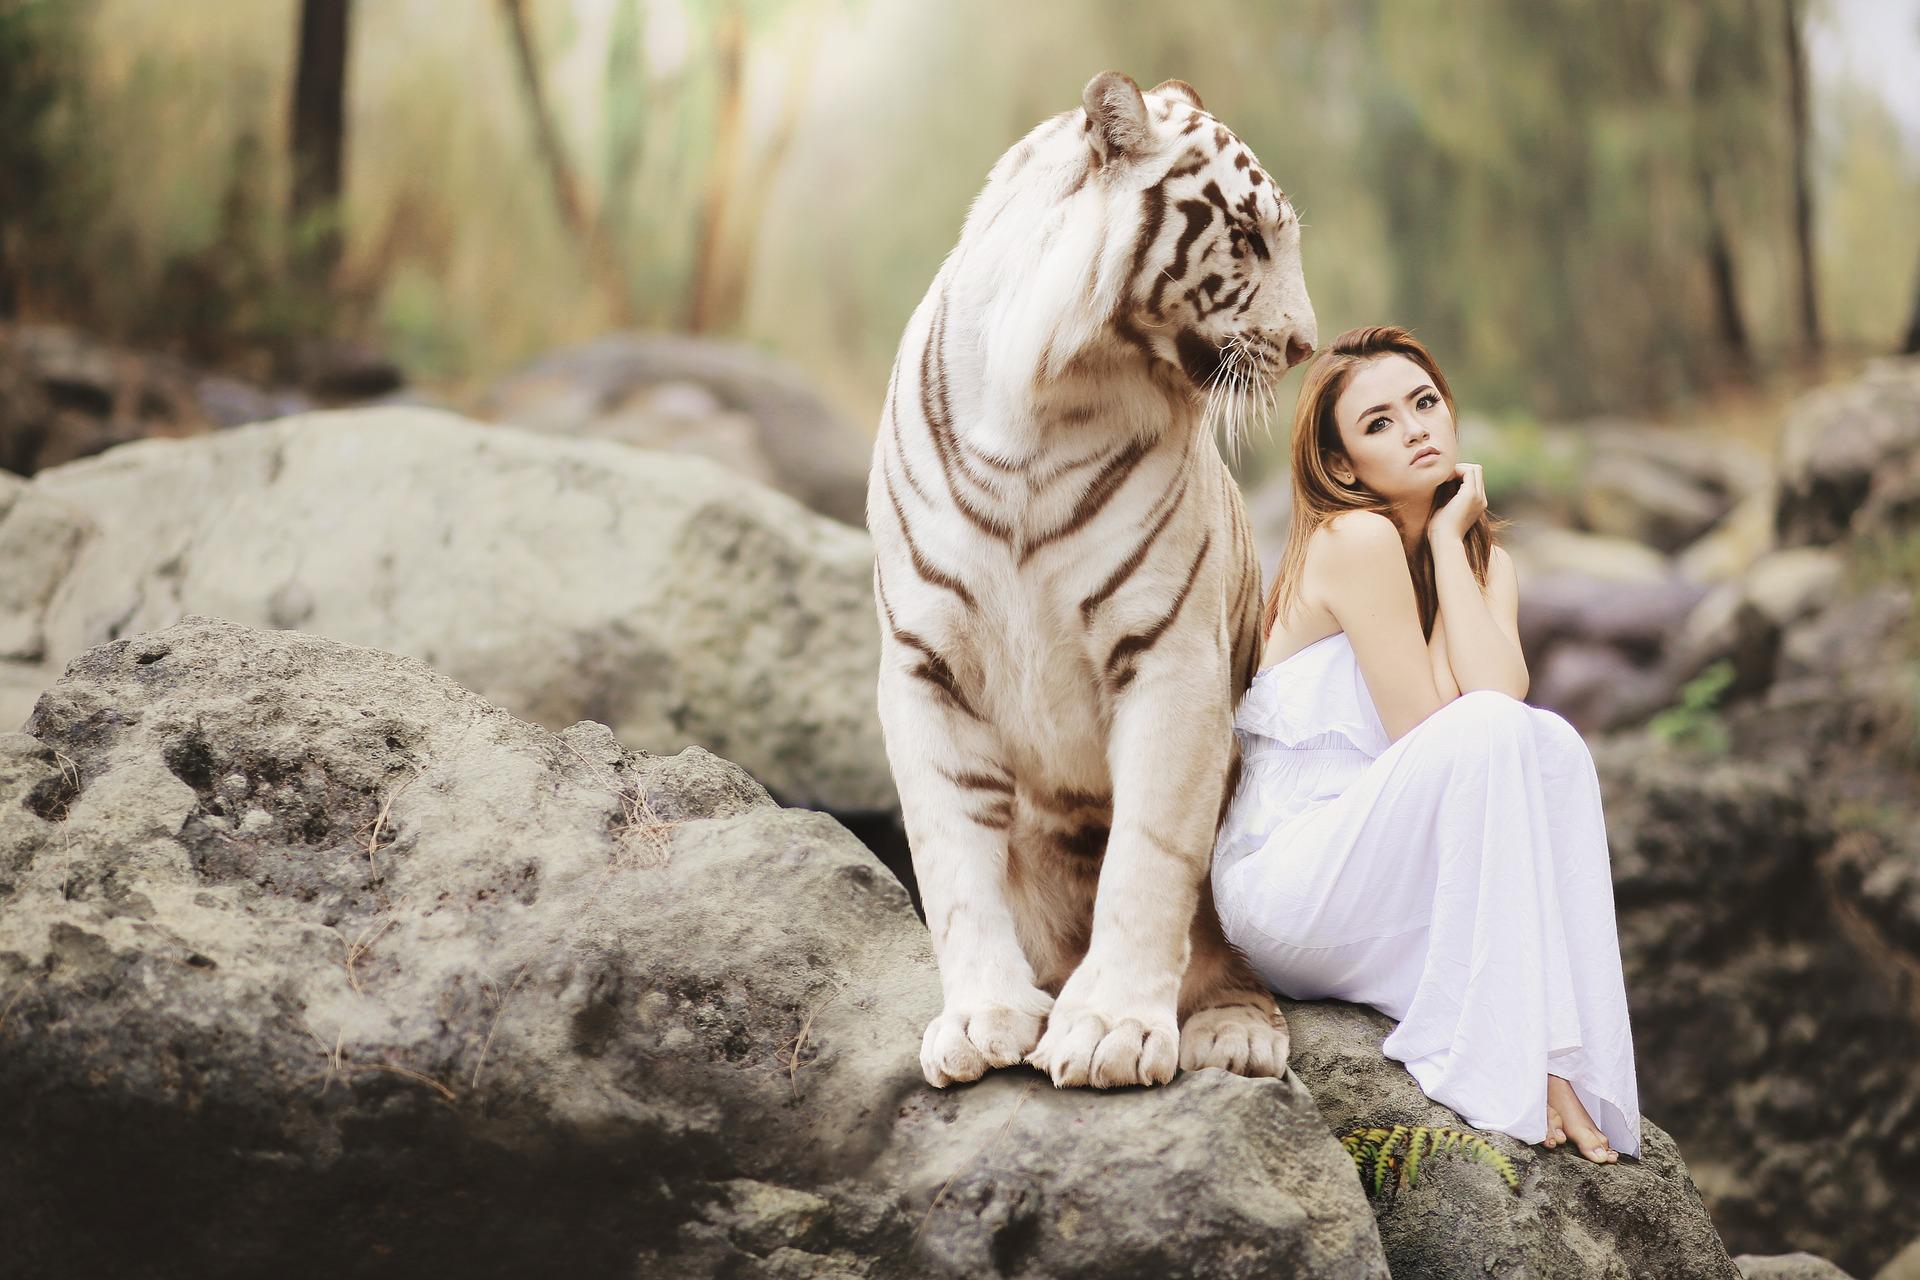 amore tigre piacersi amarsi